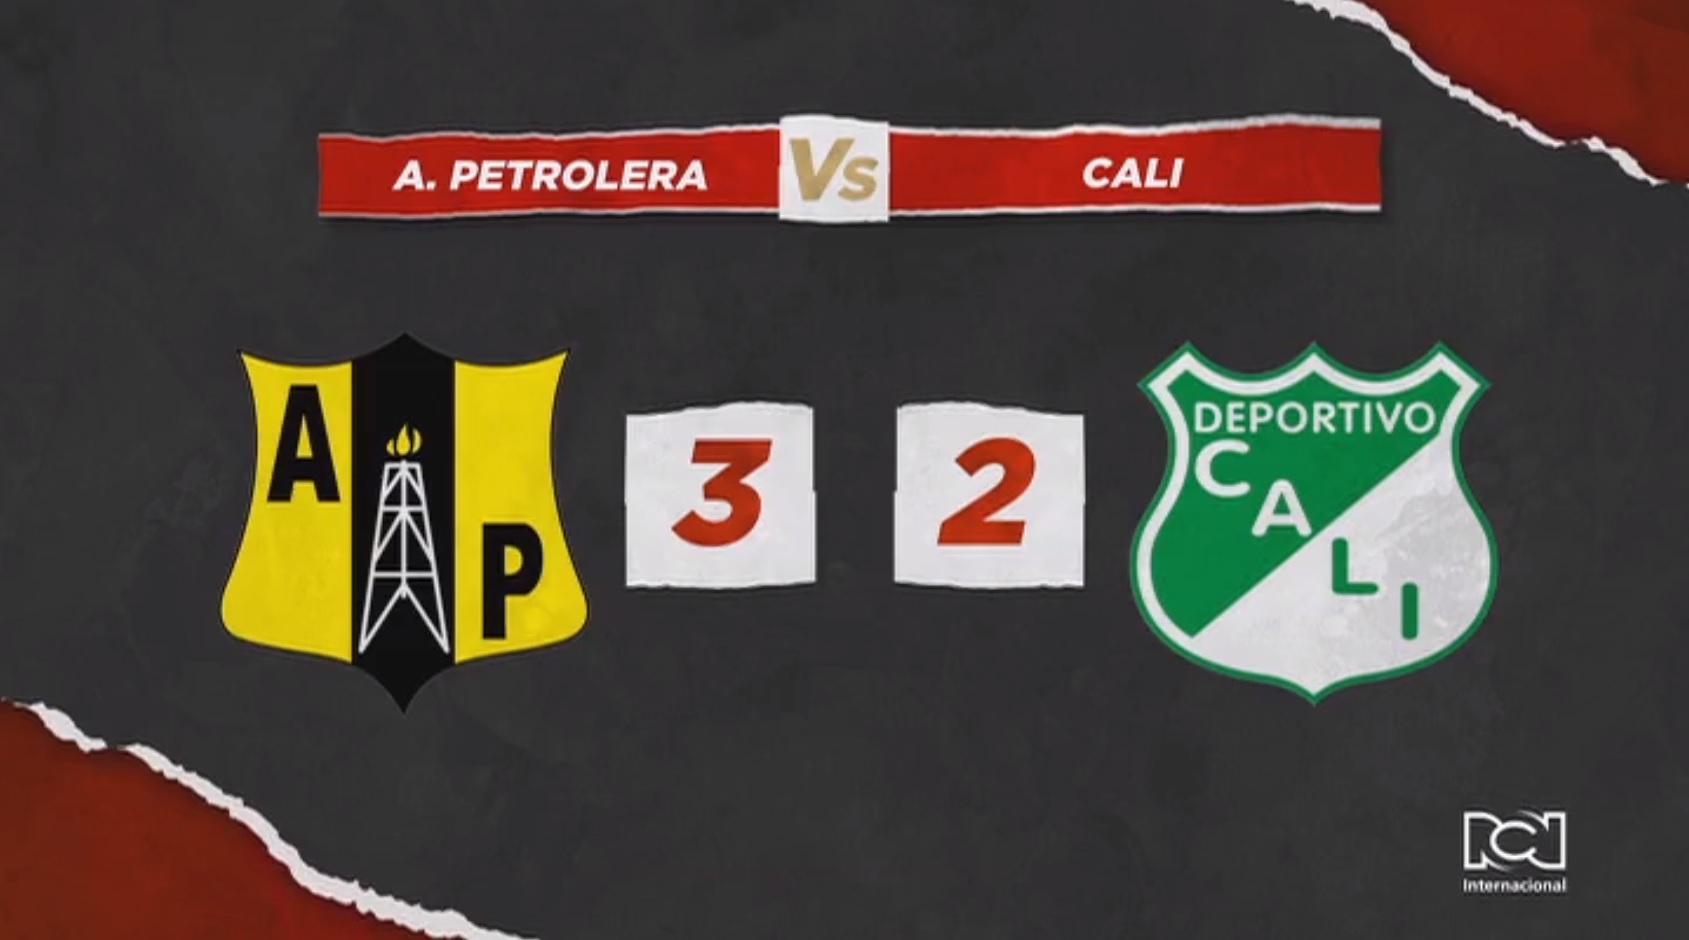 Alianza Petrolera derrotó al Deportivo Cali con un polémico arbitraje de John Hinestroza